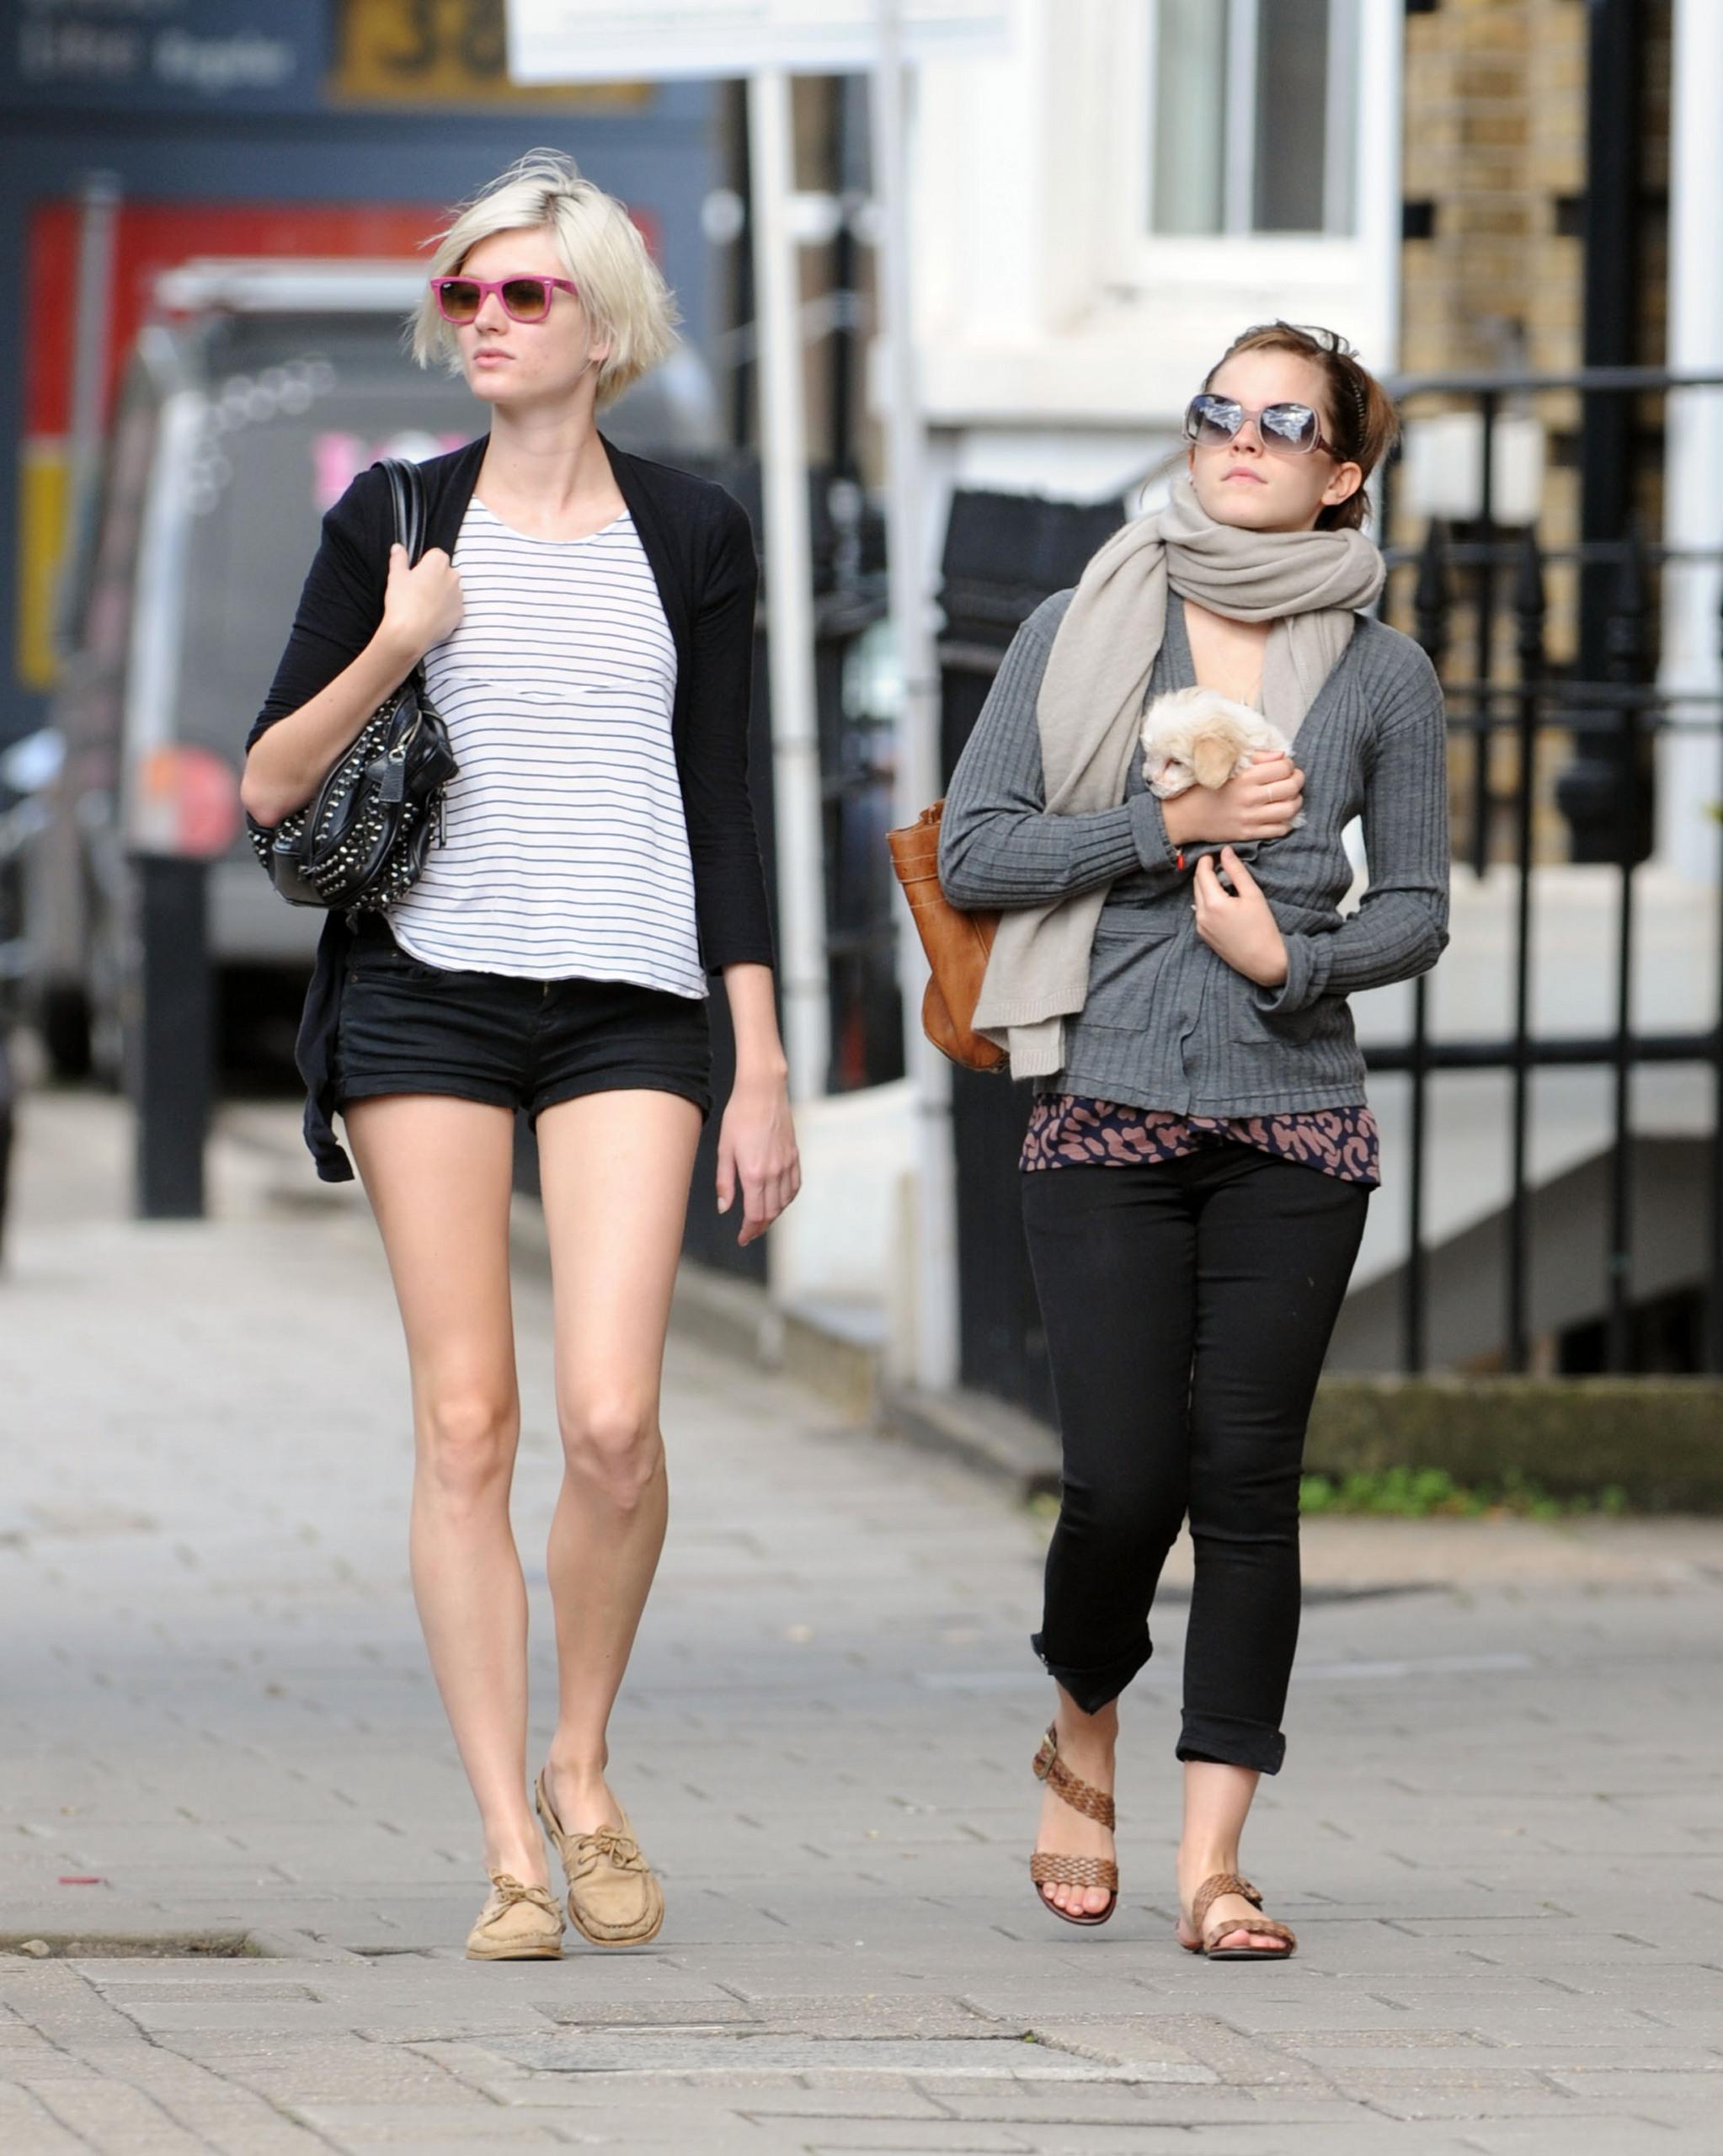 Emma Watson Playing With